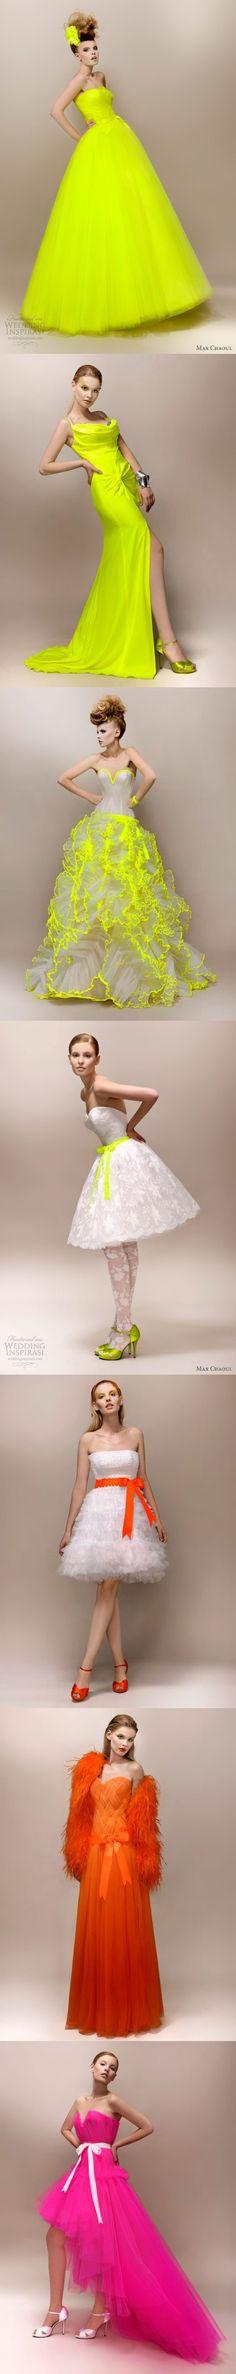 Une série de robe de mariée lumineuse créées par Max chaoul.